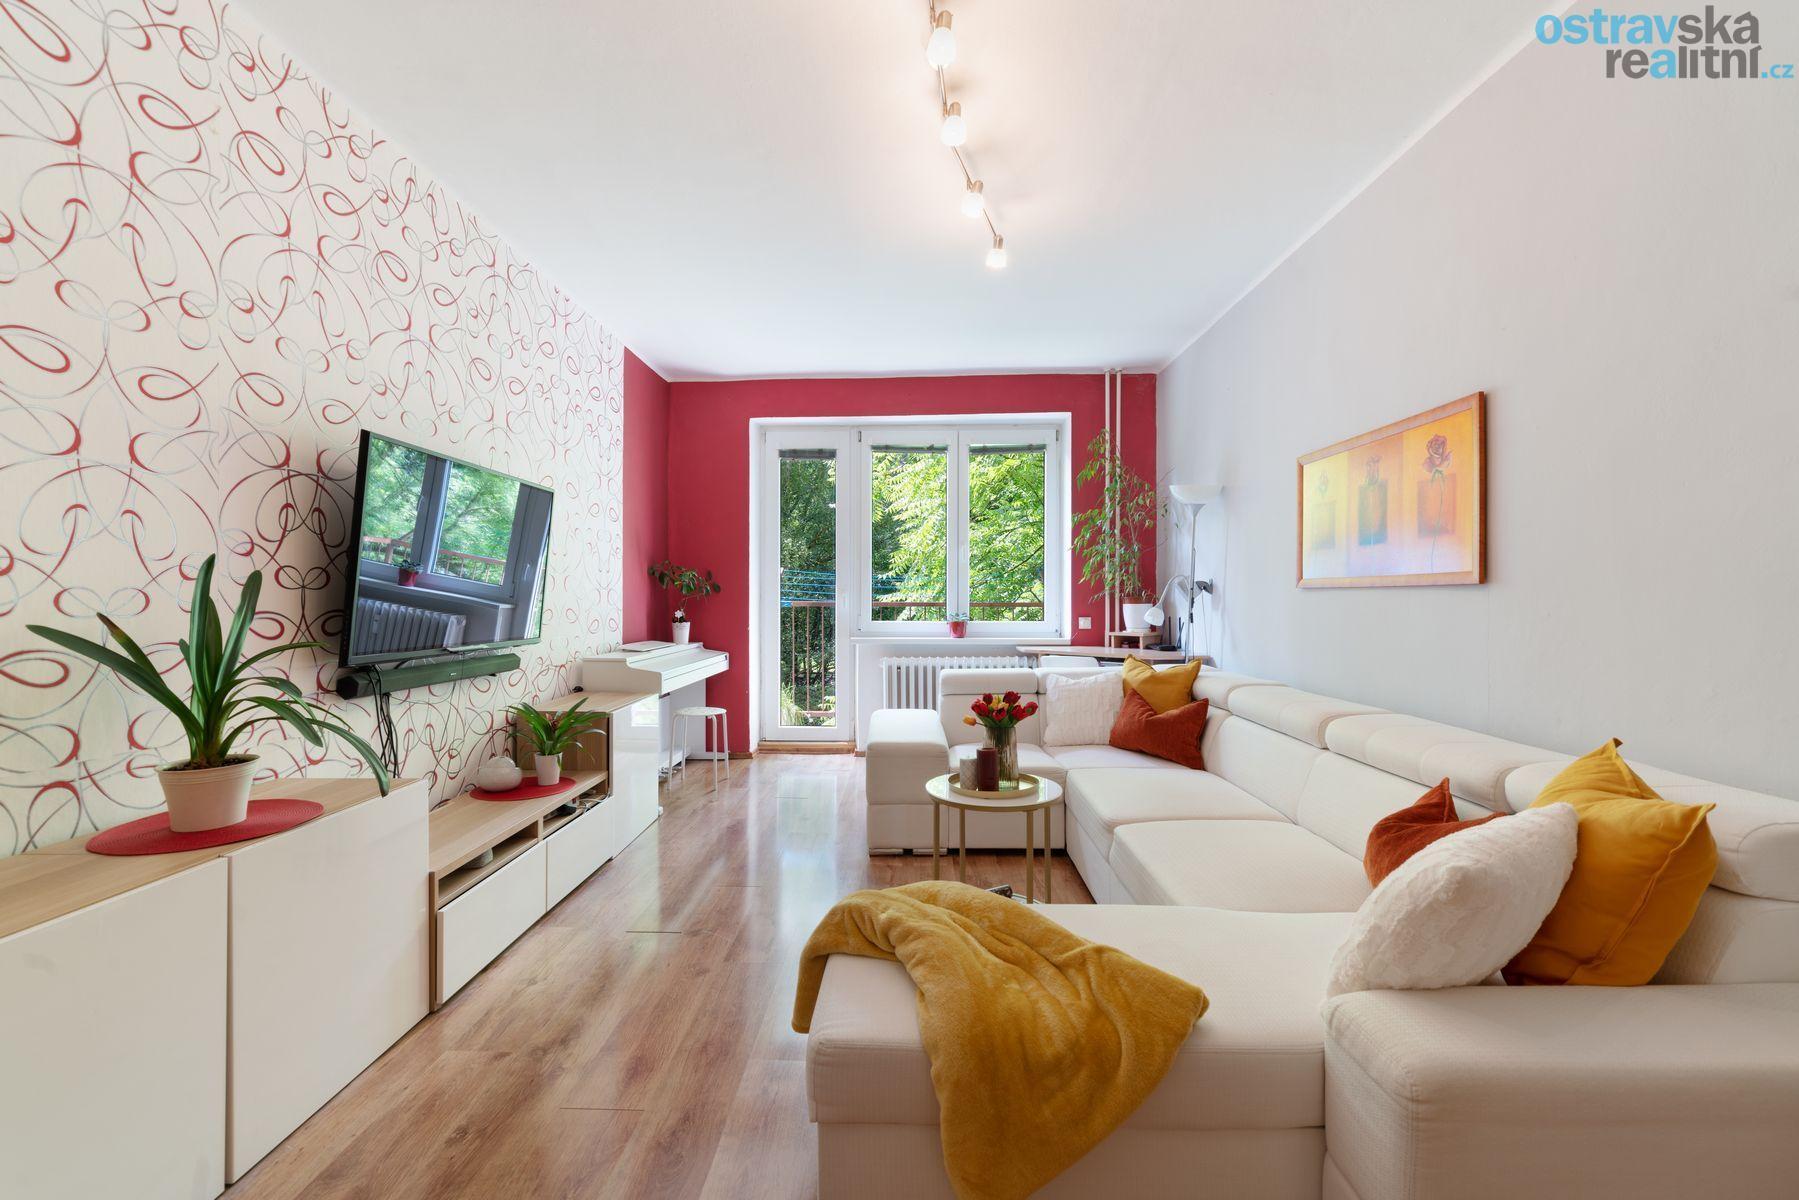 Prodej, byt 2+1 Ostrava - Poruba, ul. Mongolská, 56 m2, balkón